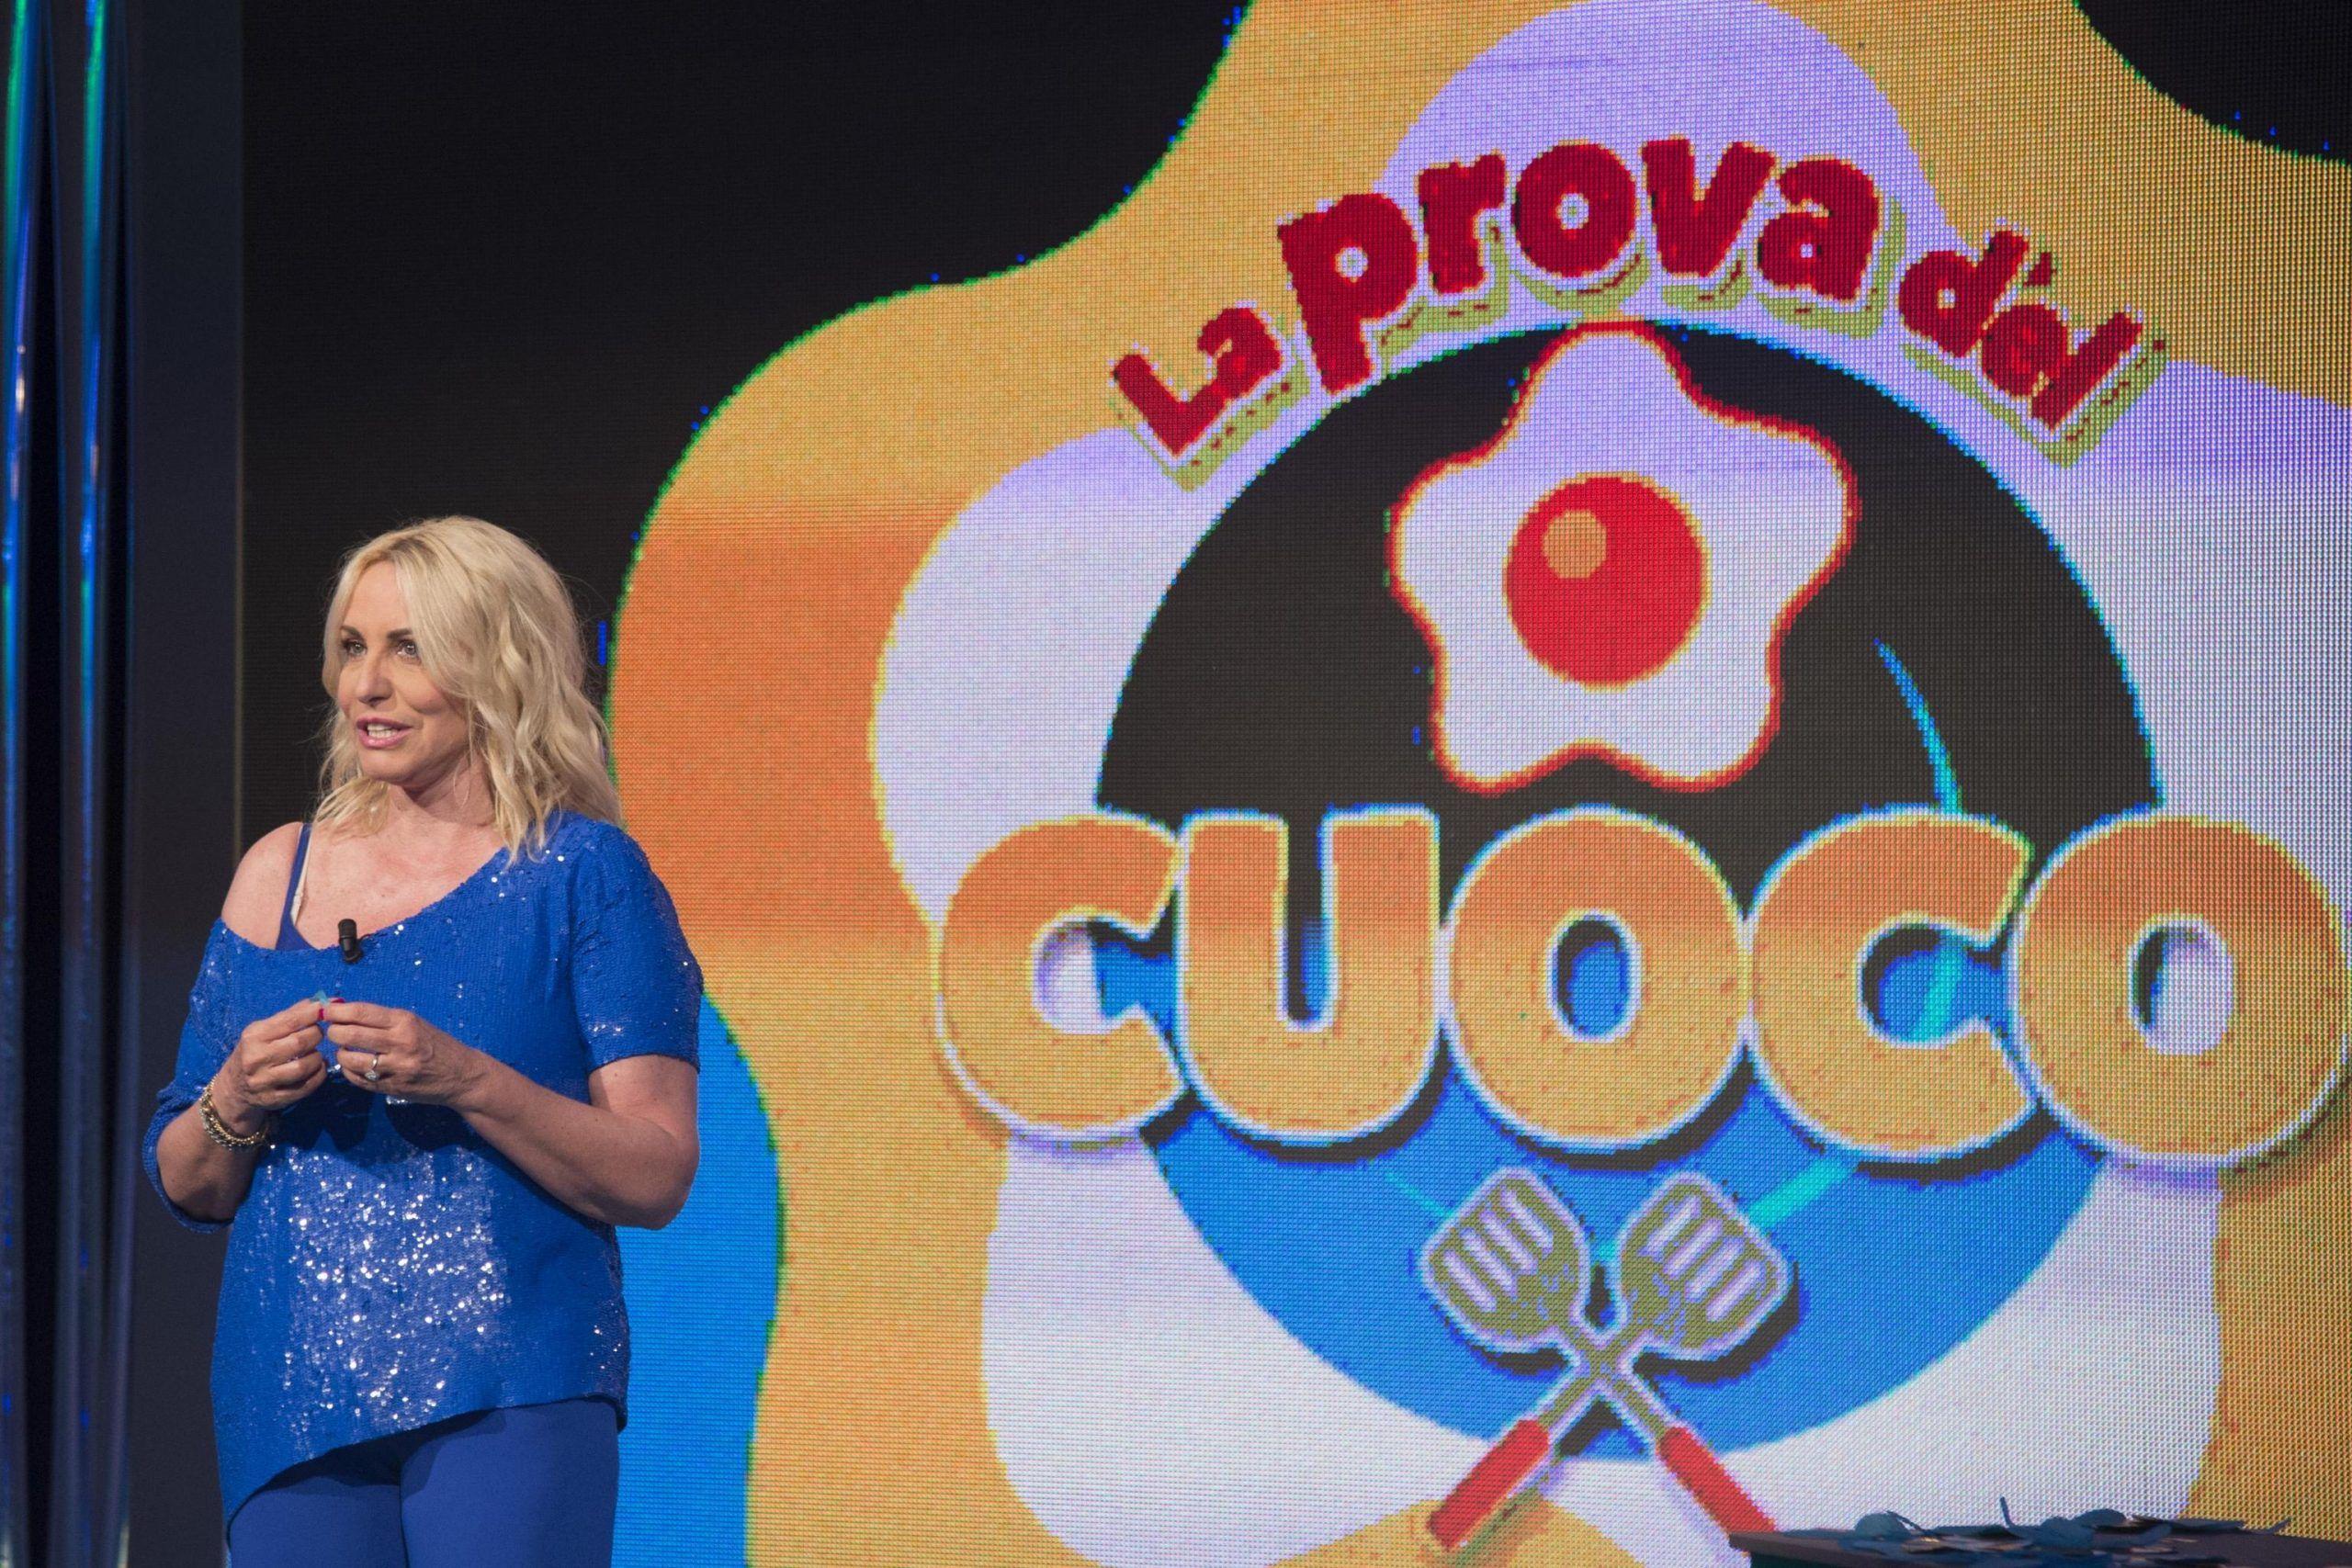 La prova del cuoco, ultima puntata per Antonella Clerici